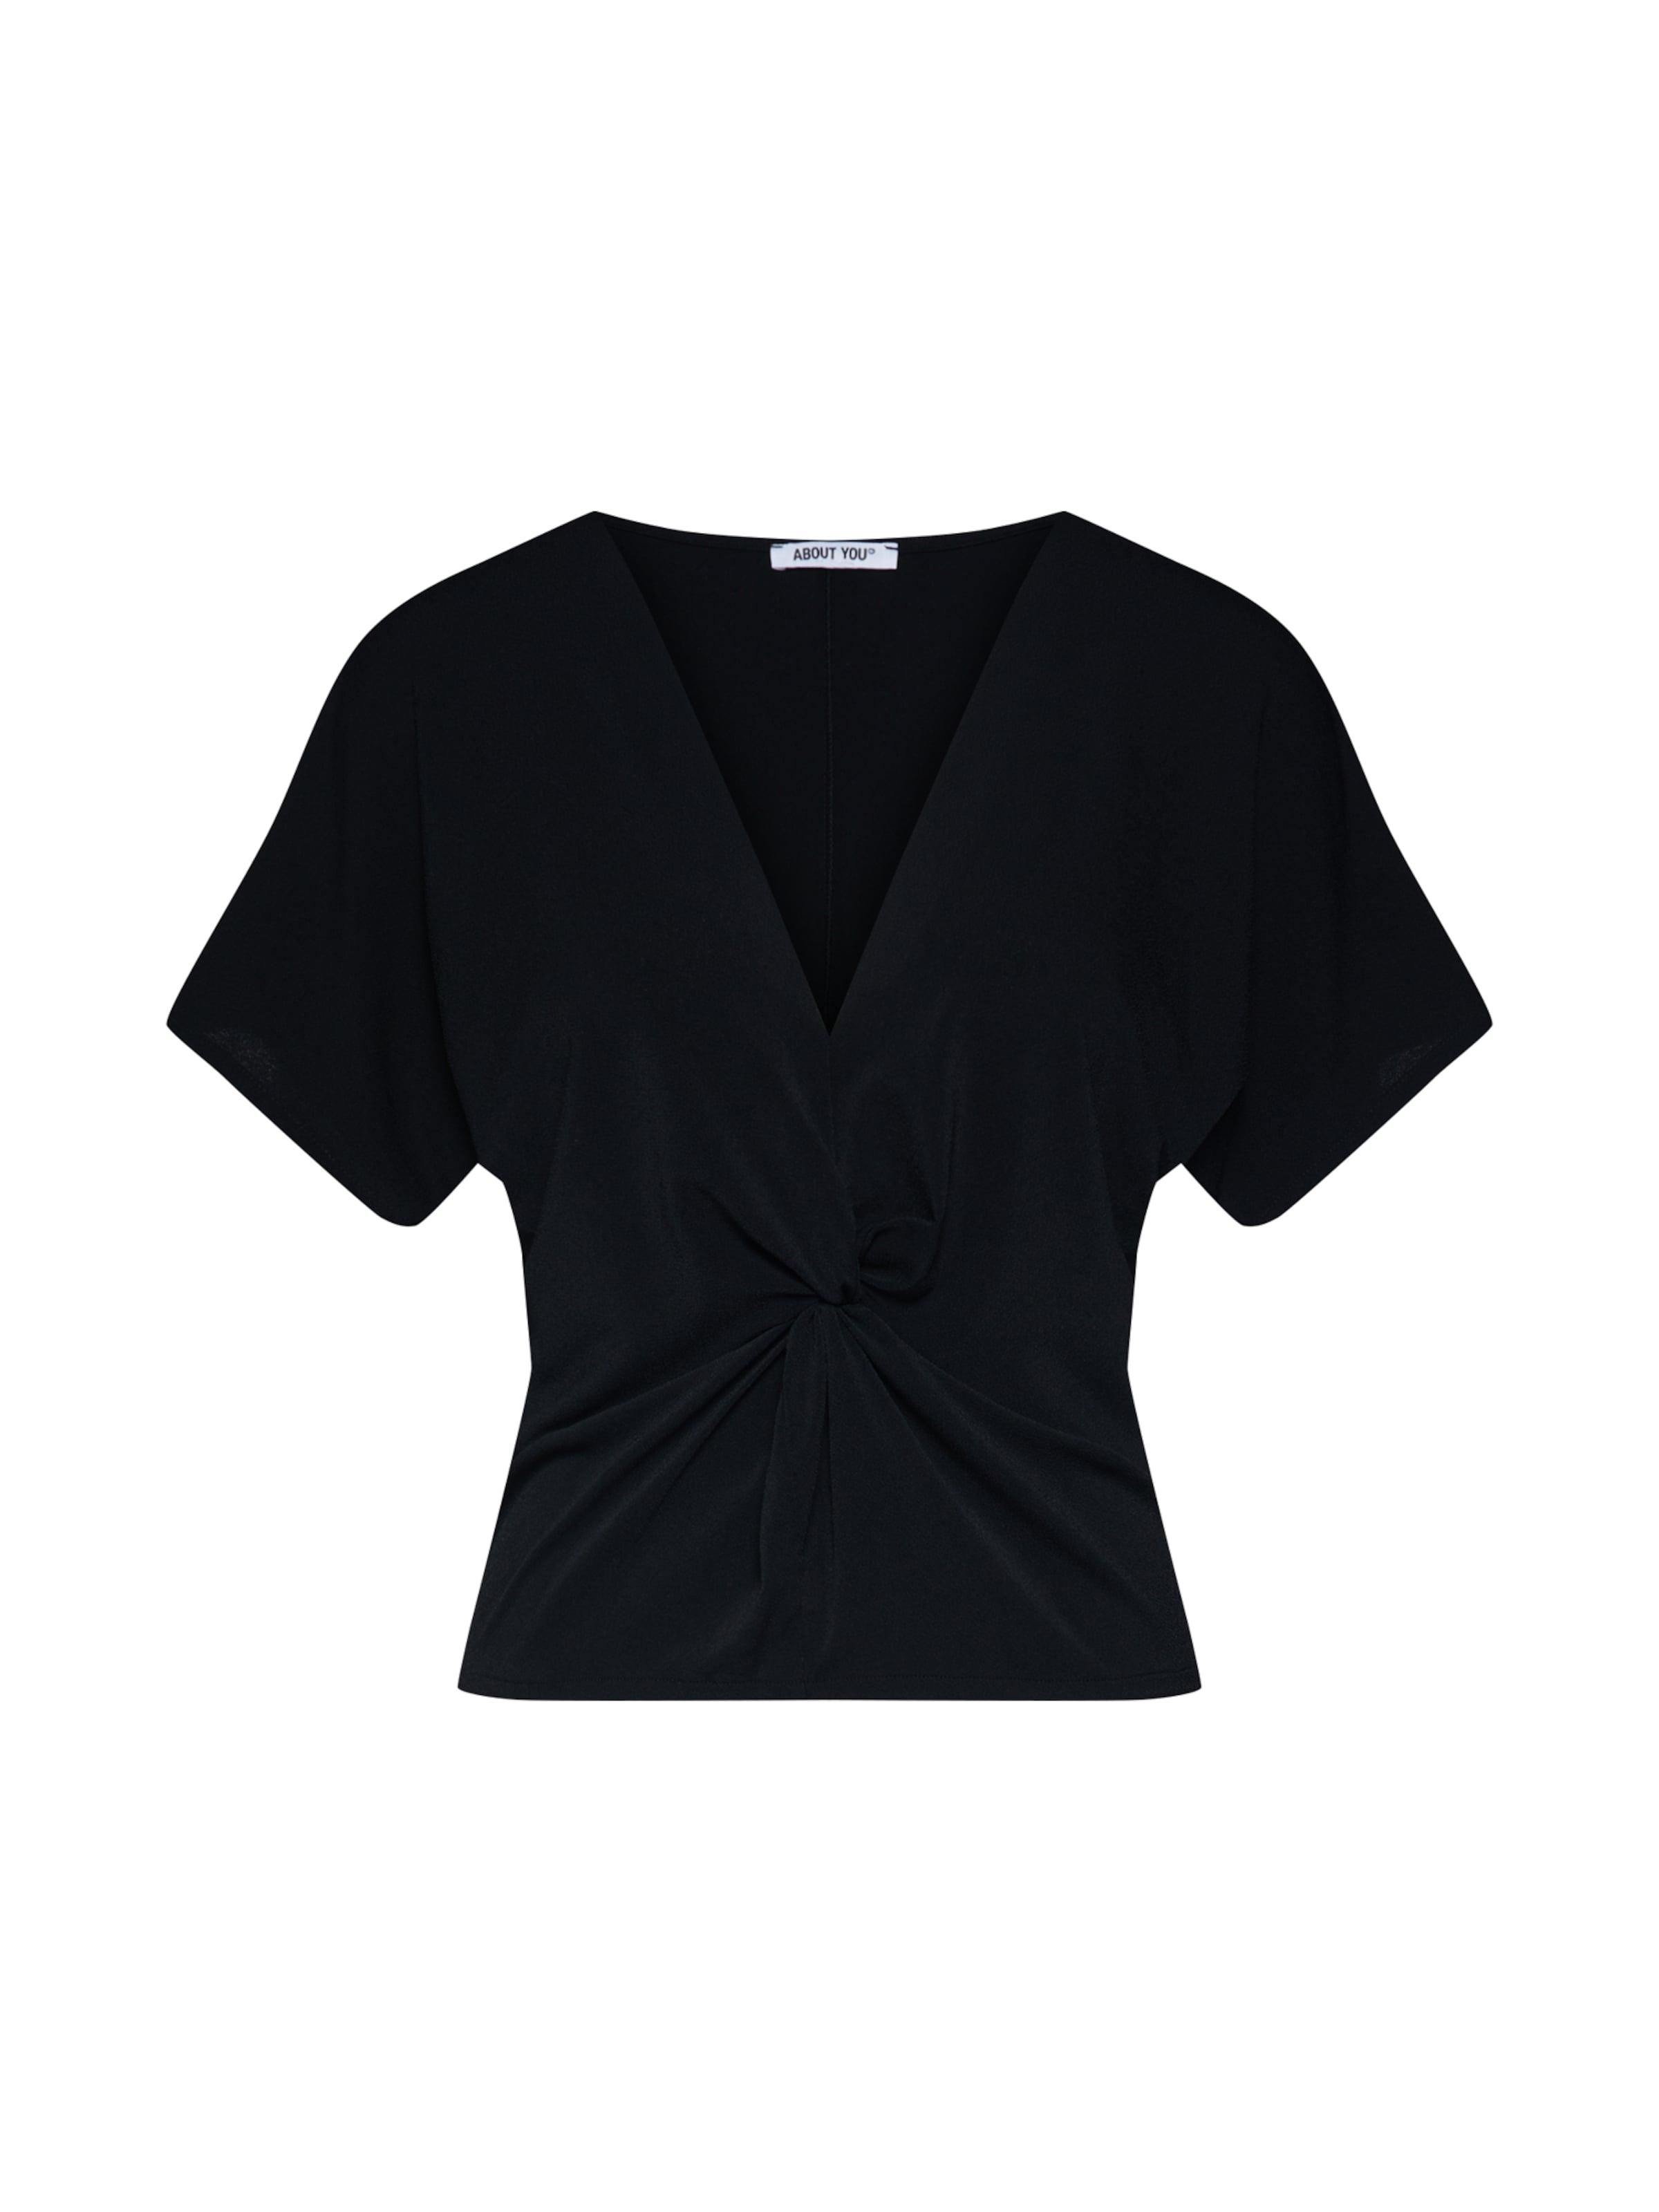 shirt Noir T 'glenn' En You About cJTlFK1